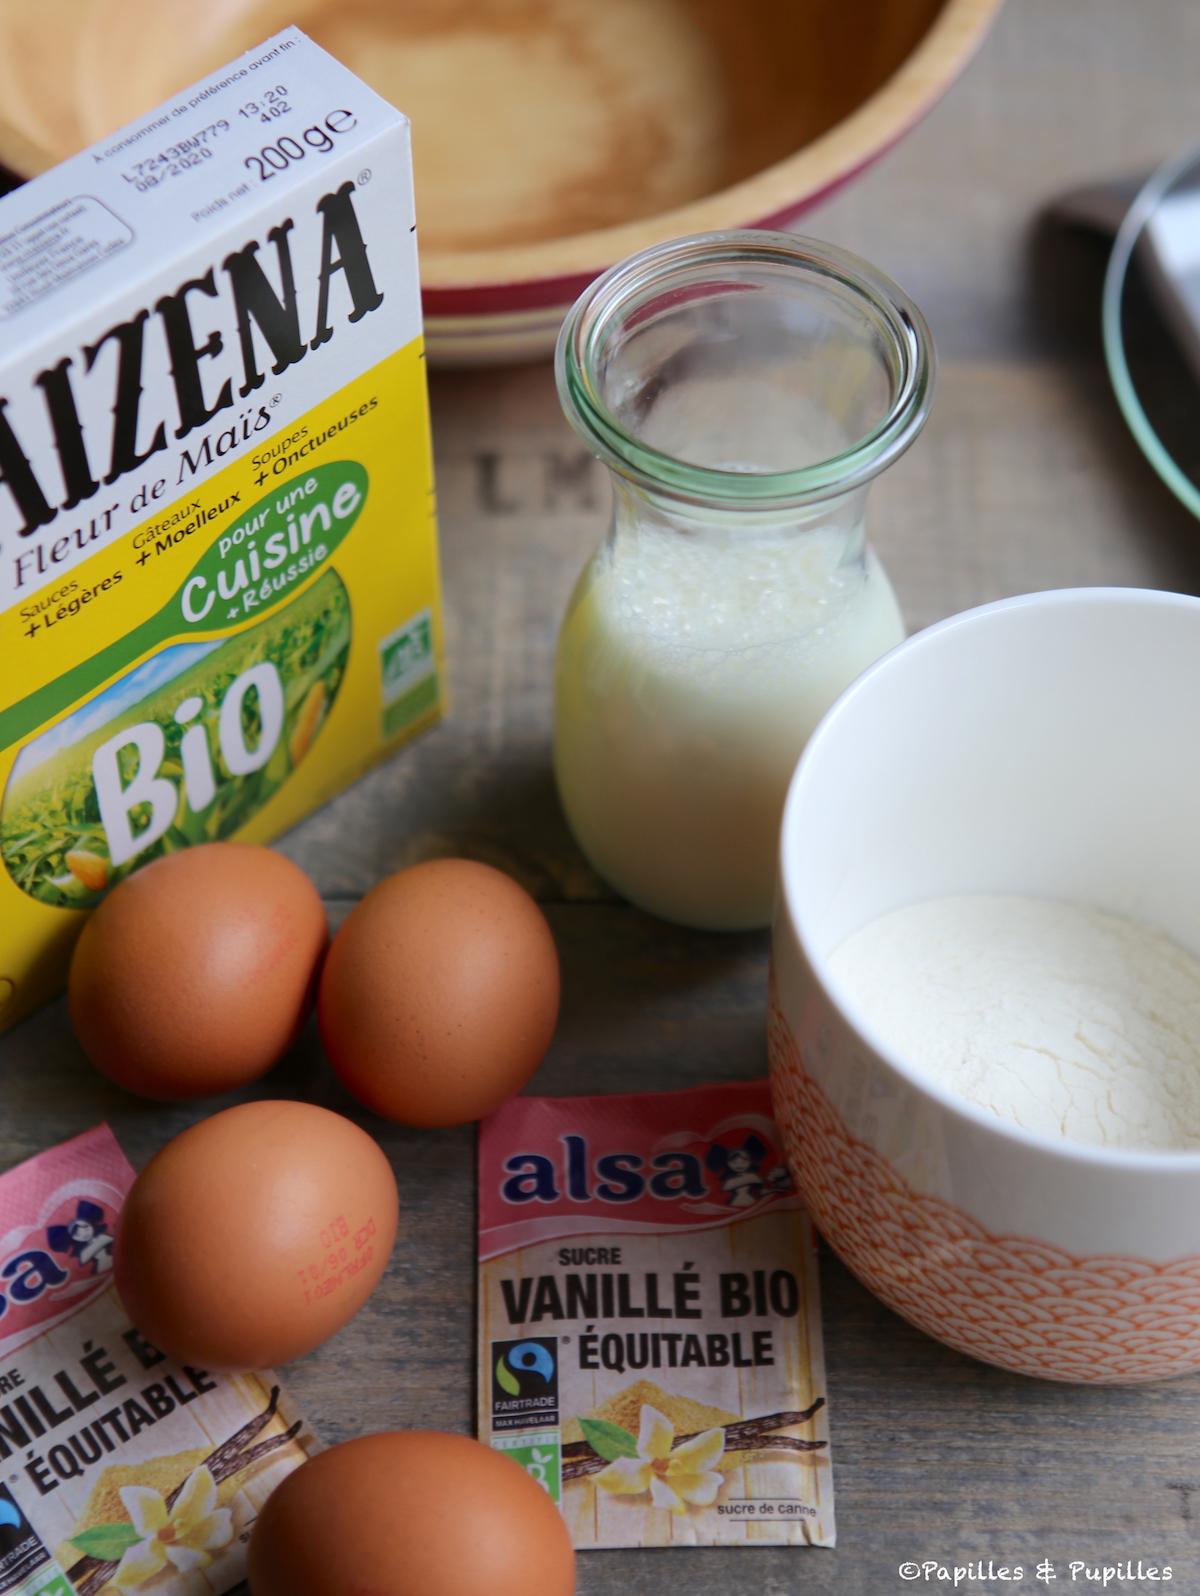 Les ingrédients de la pâte à crêpes